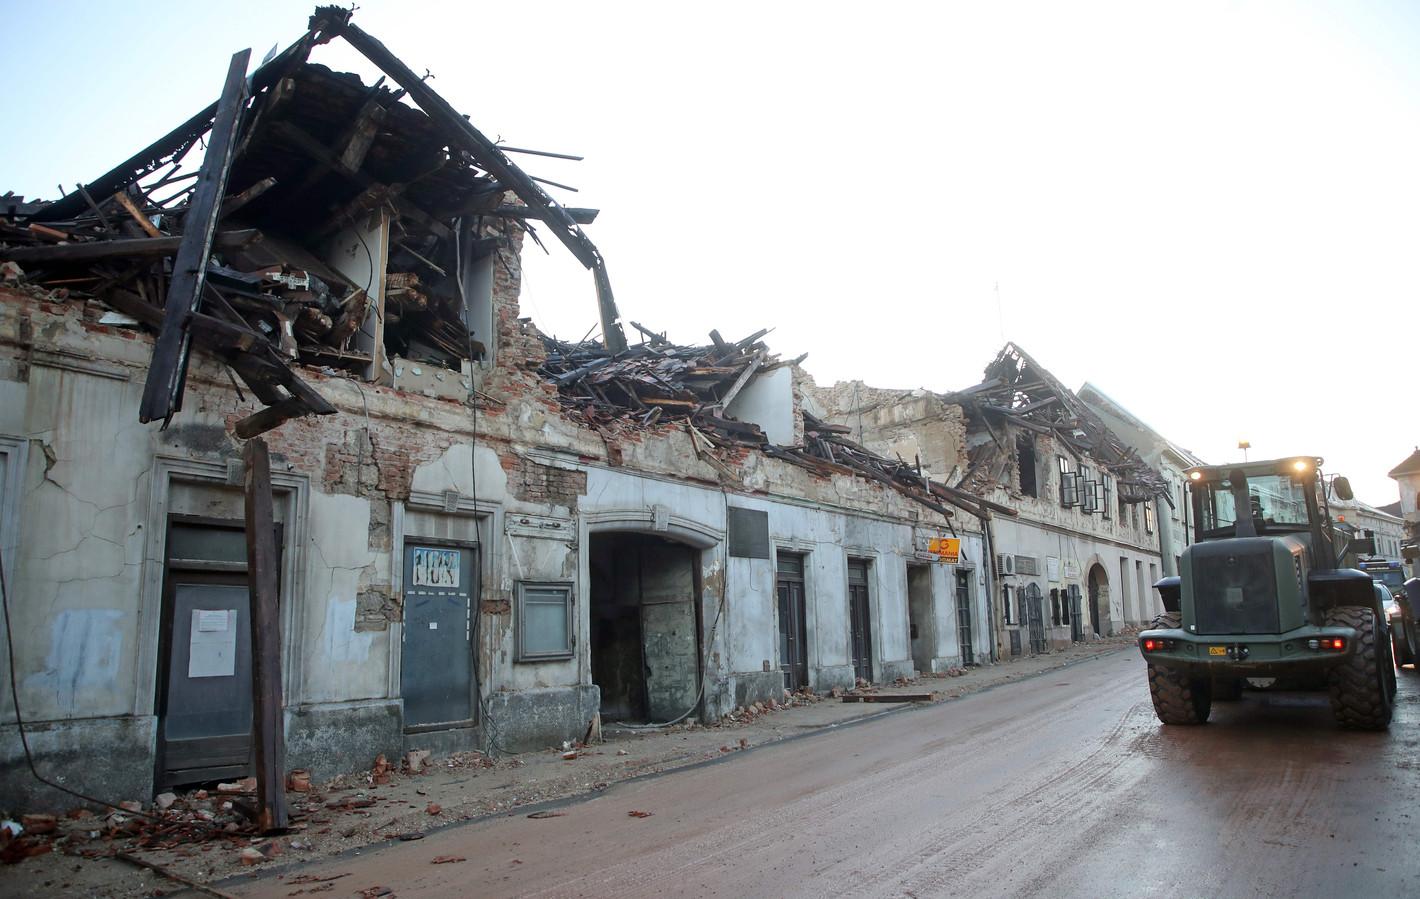 In de Kroatische stad Petrinja, waar dinsdag het epicentrum van een aardbeving met een magnitude van 6,4 plaatsvond, wordt nog steeds puin geruimd.